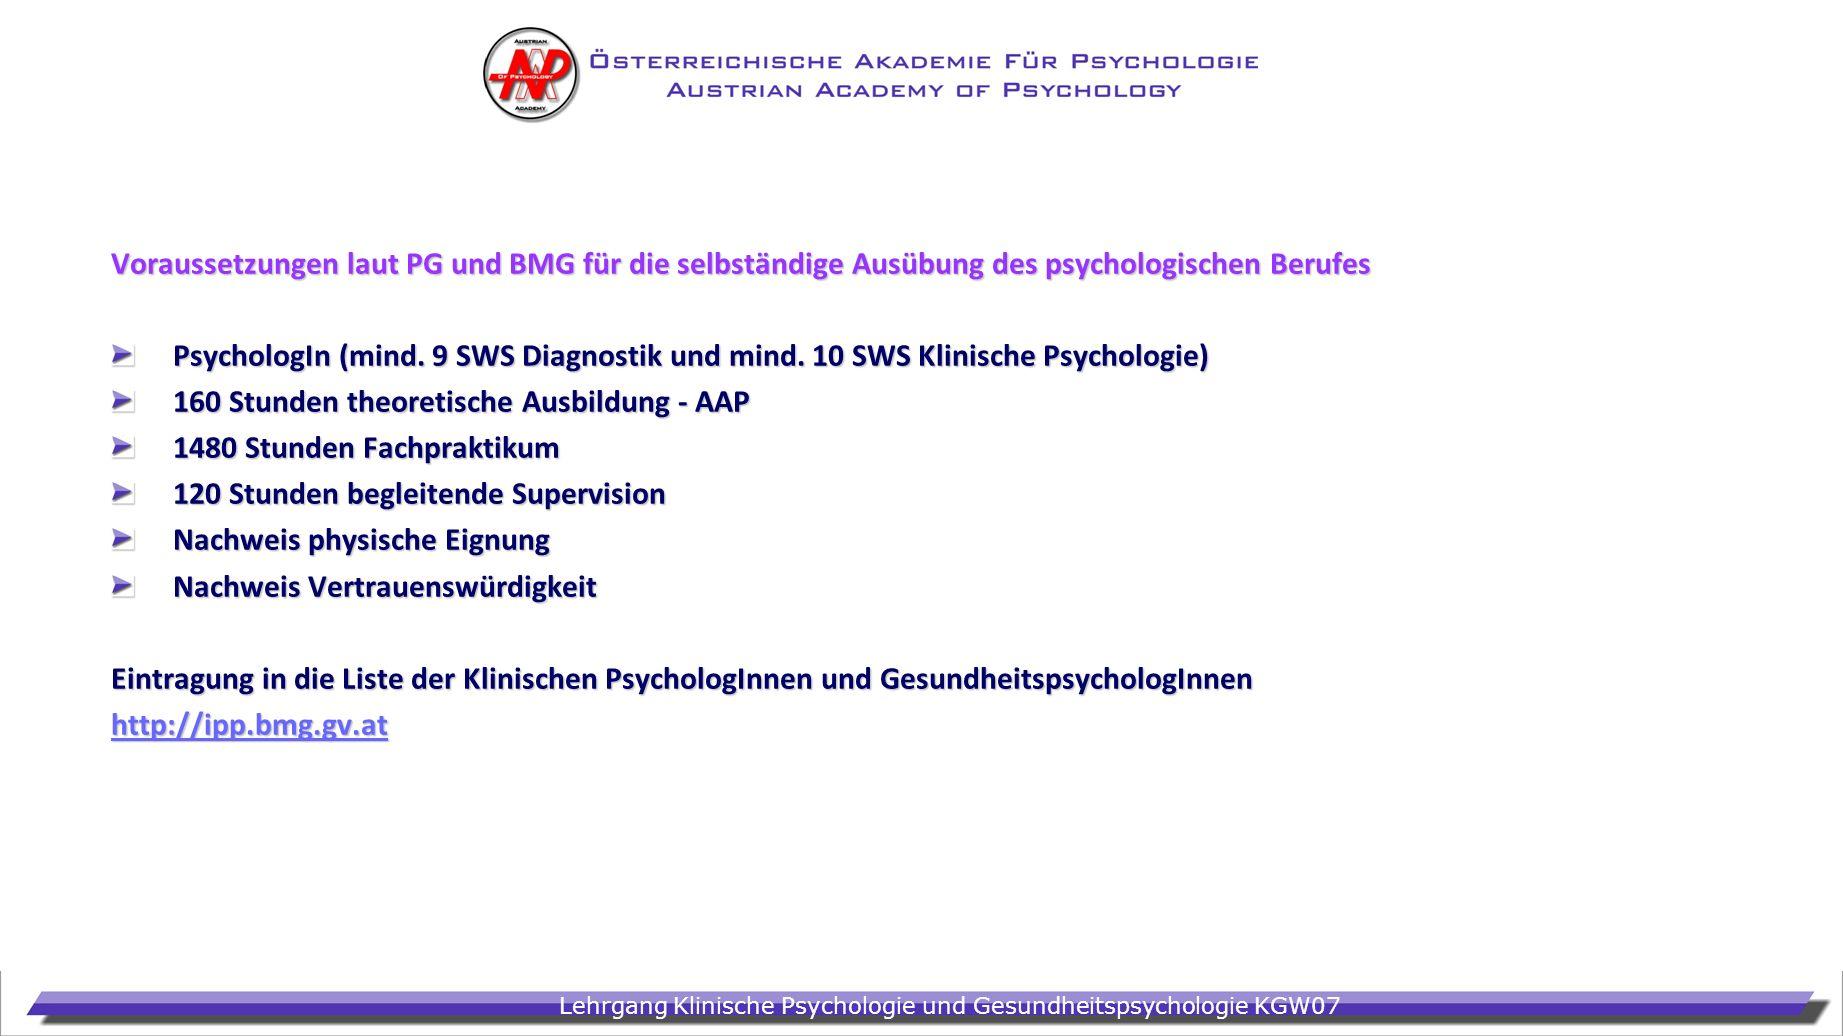 Voraussetzungen laut PG und BMG für die selbständige Ausübung des psychologischen Berufes